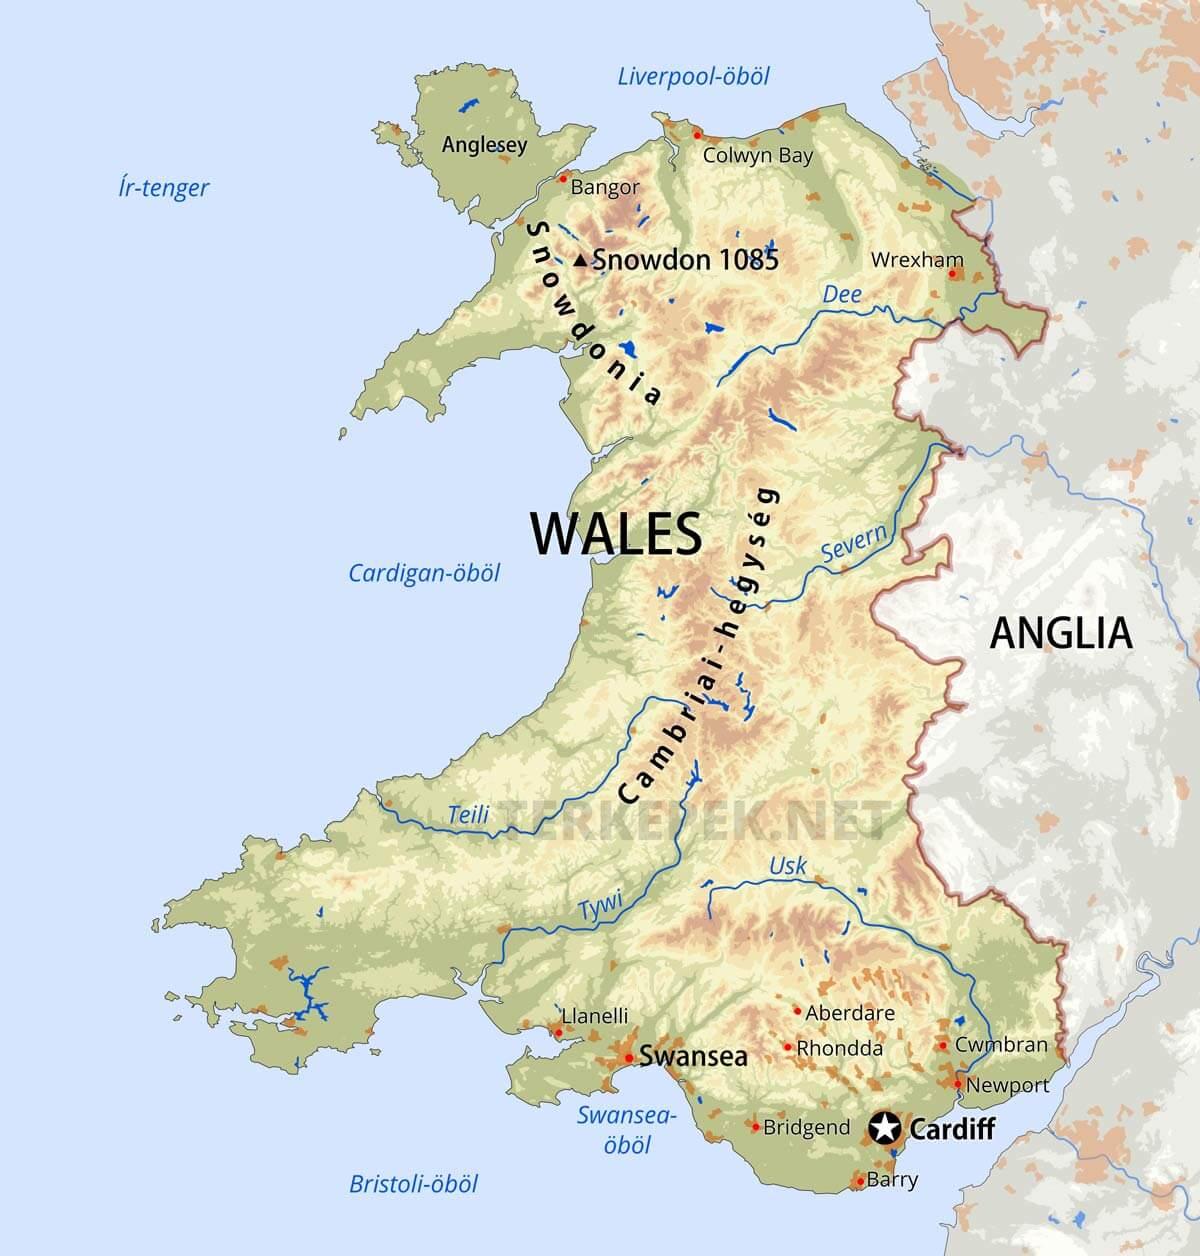 anglia városai térkép Wales domborzati térképe anglia városai térkép